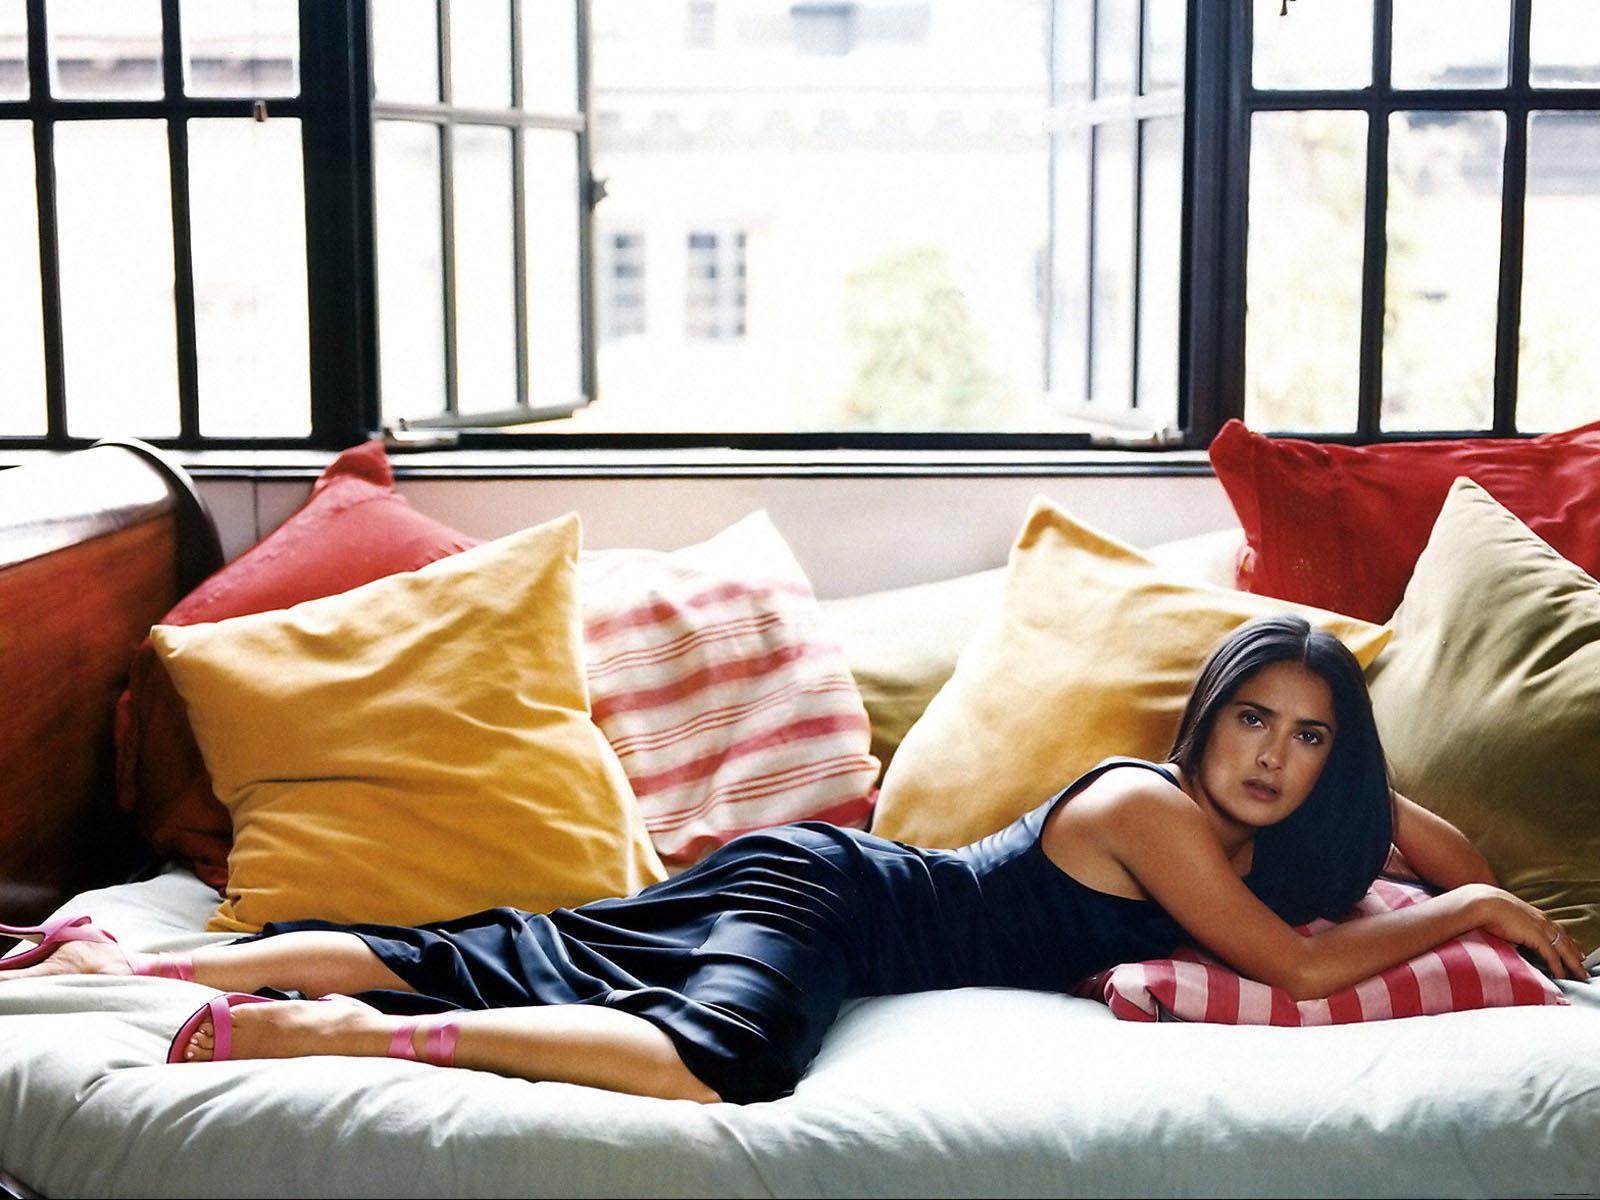 Фотография Сальма Хайек девушка Диван подушка Знаменитости Salma Hayek Девушки молодые женщины молодая женщина диване Подушки